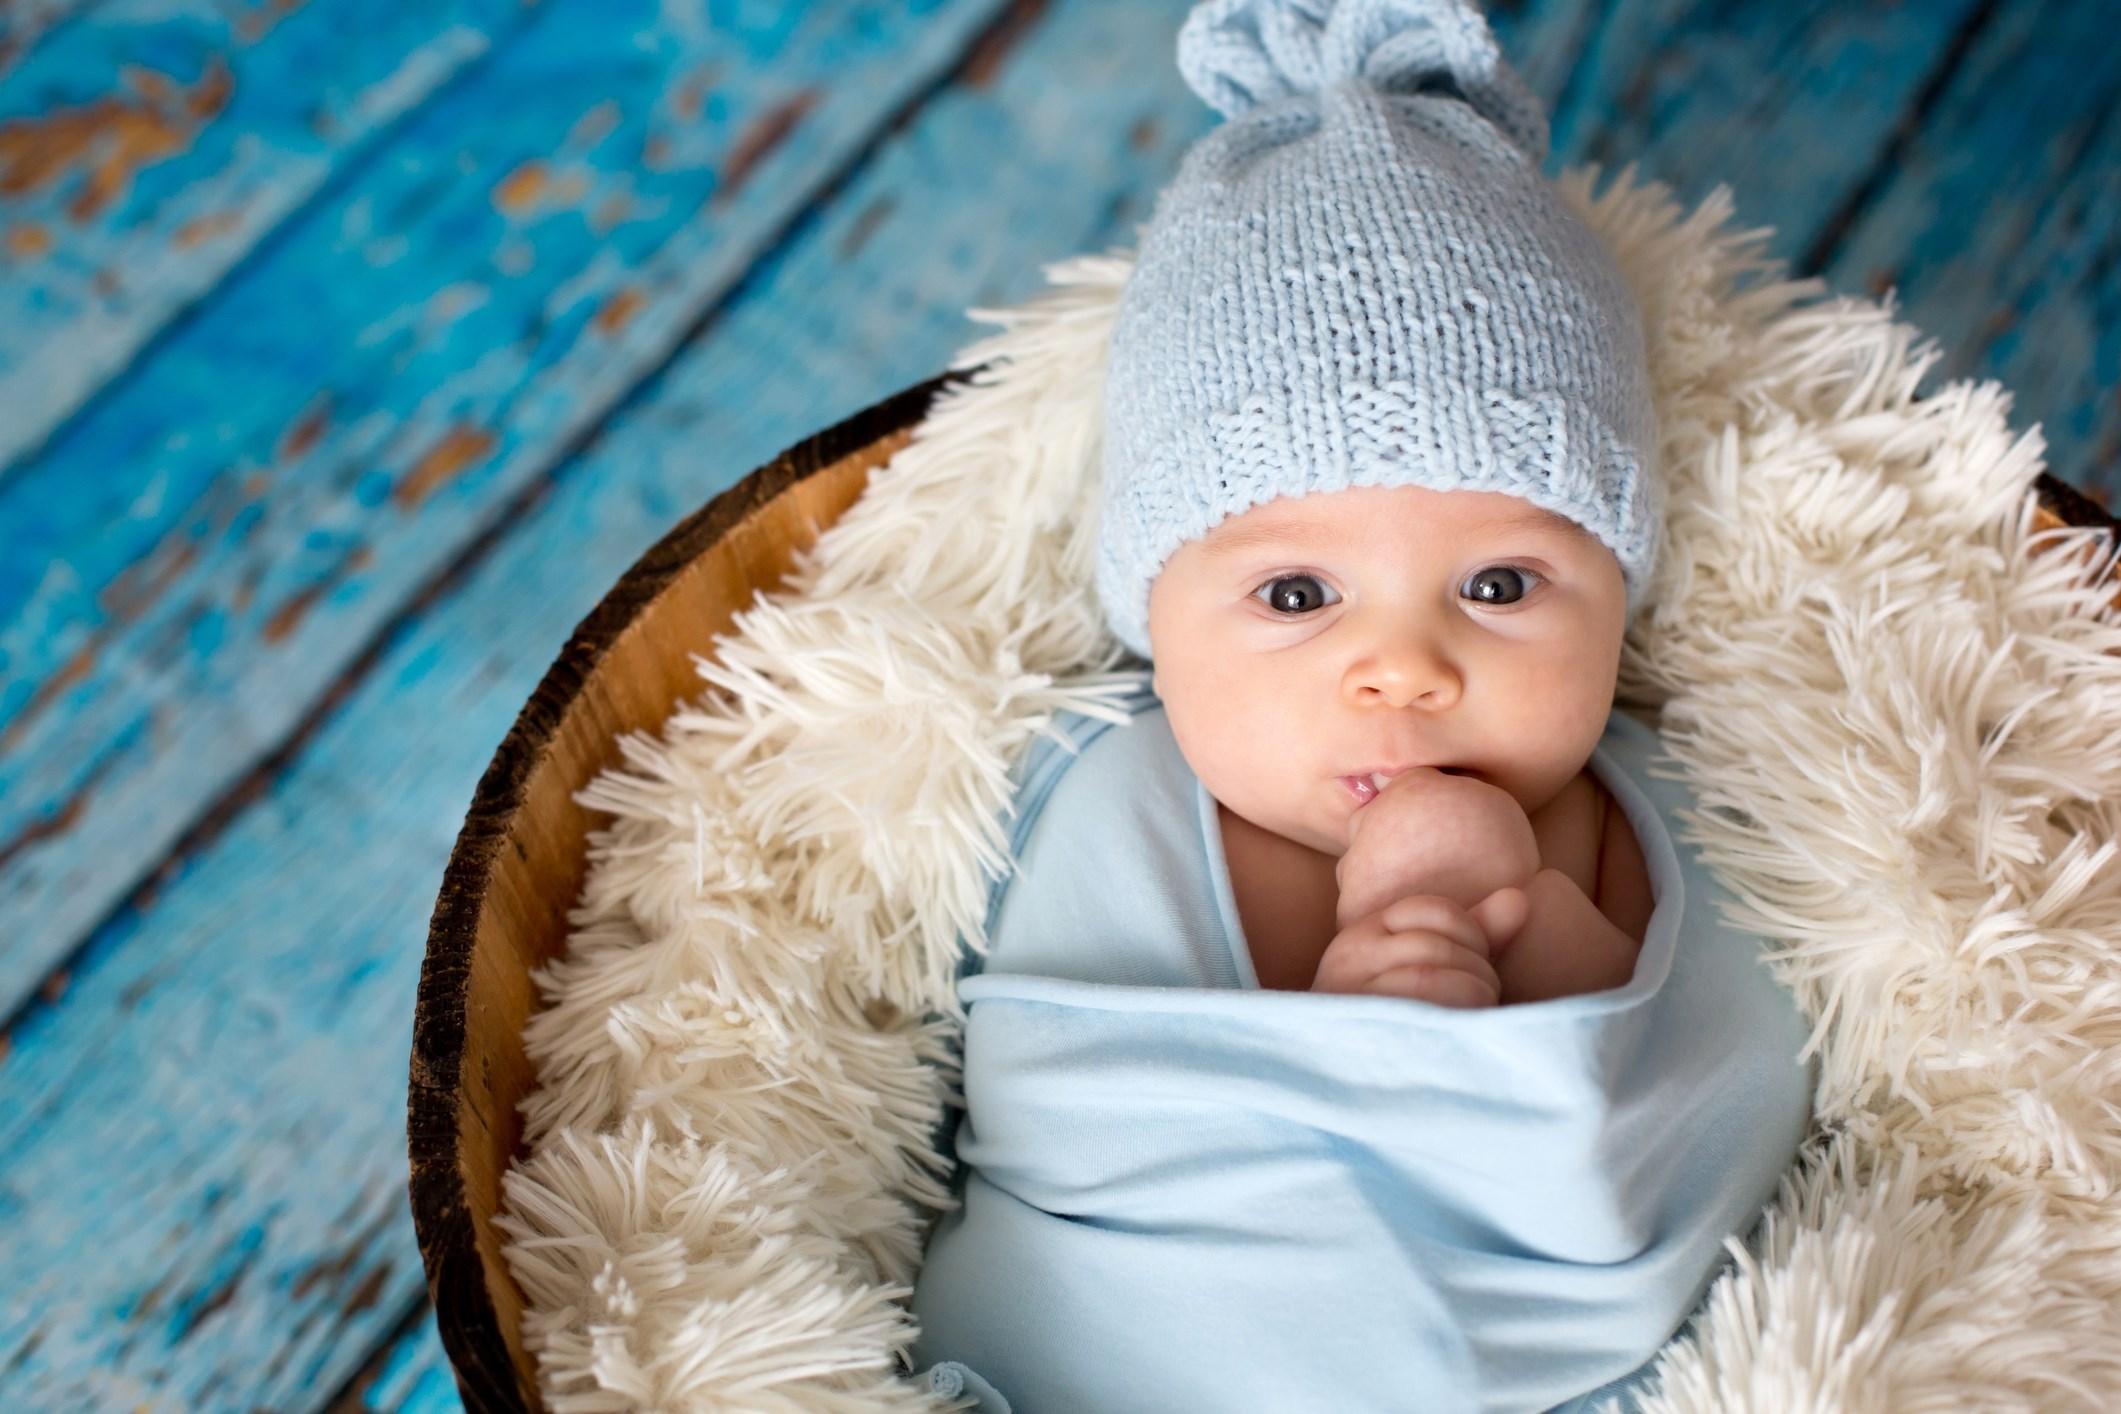 1/1/2020: ولادة حوالى 326 ألف طفل حول العالم والهند تتصدر القائمة